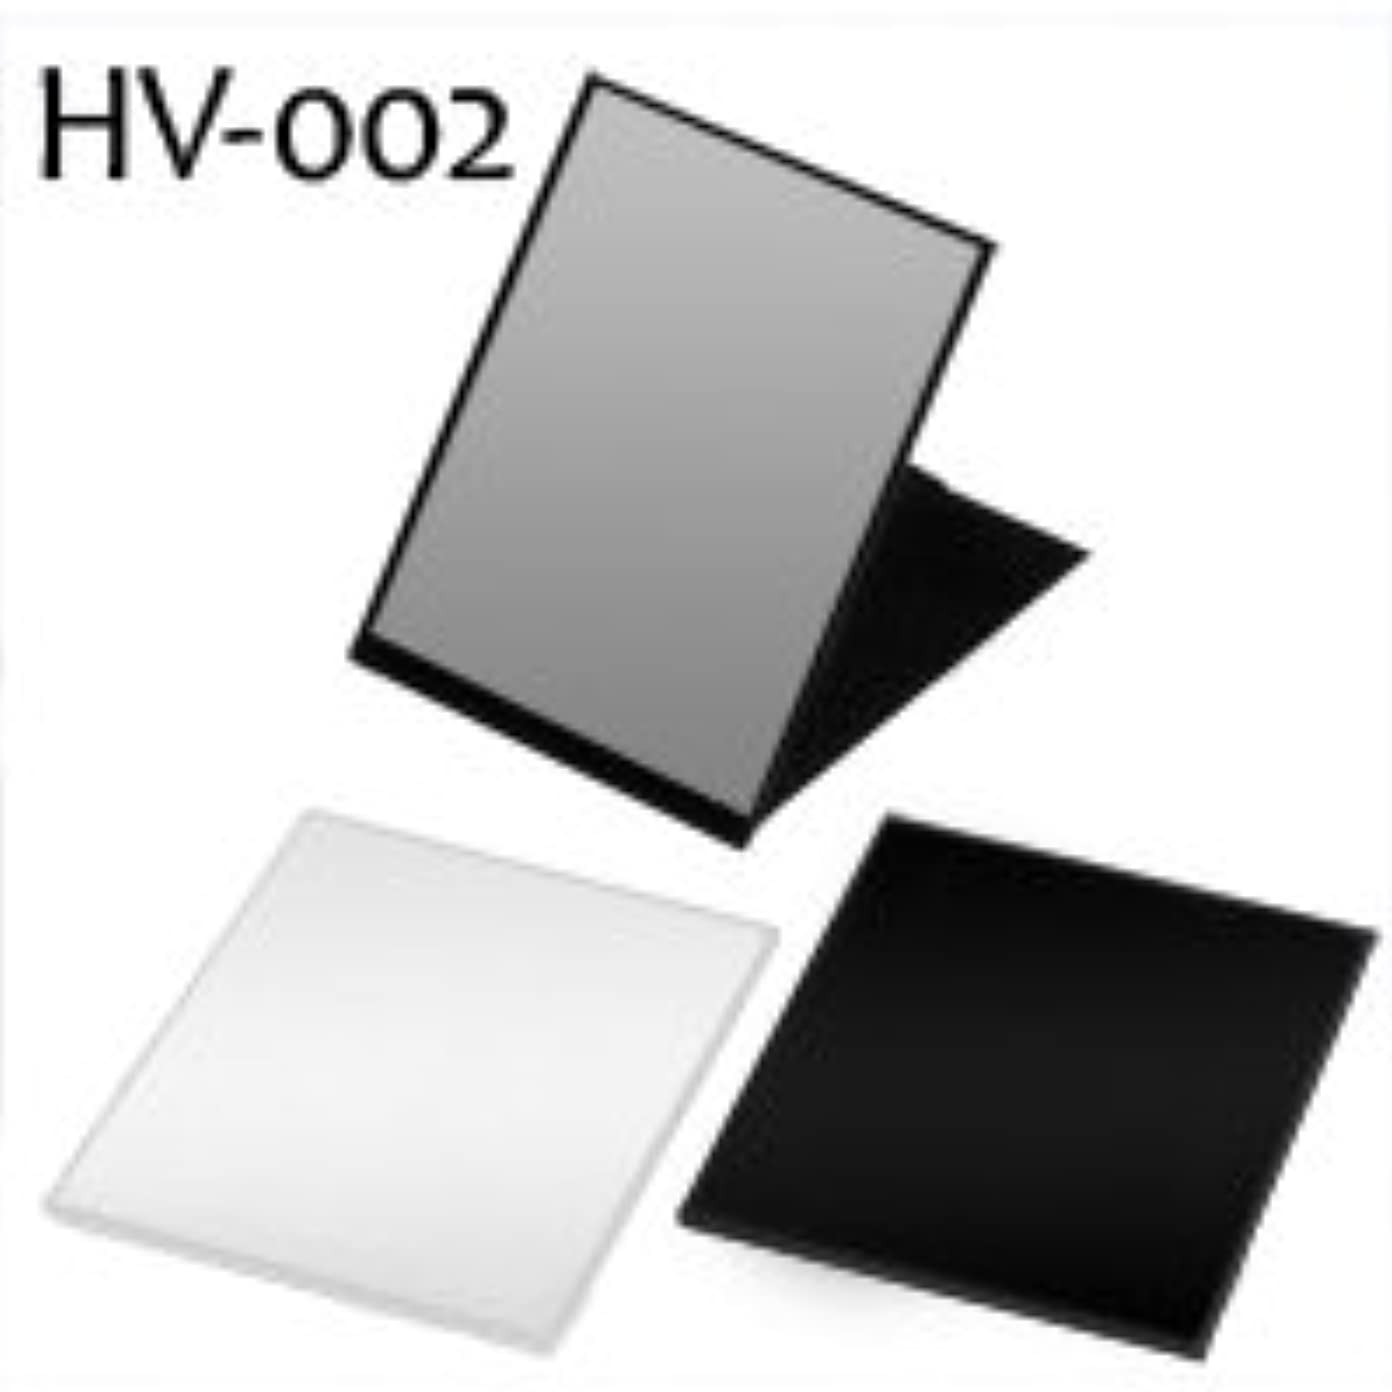 恐ろしいです決済熟読するハイパービュースリム&ライトコンパクトミラー(L) HV-002 ブラック